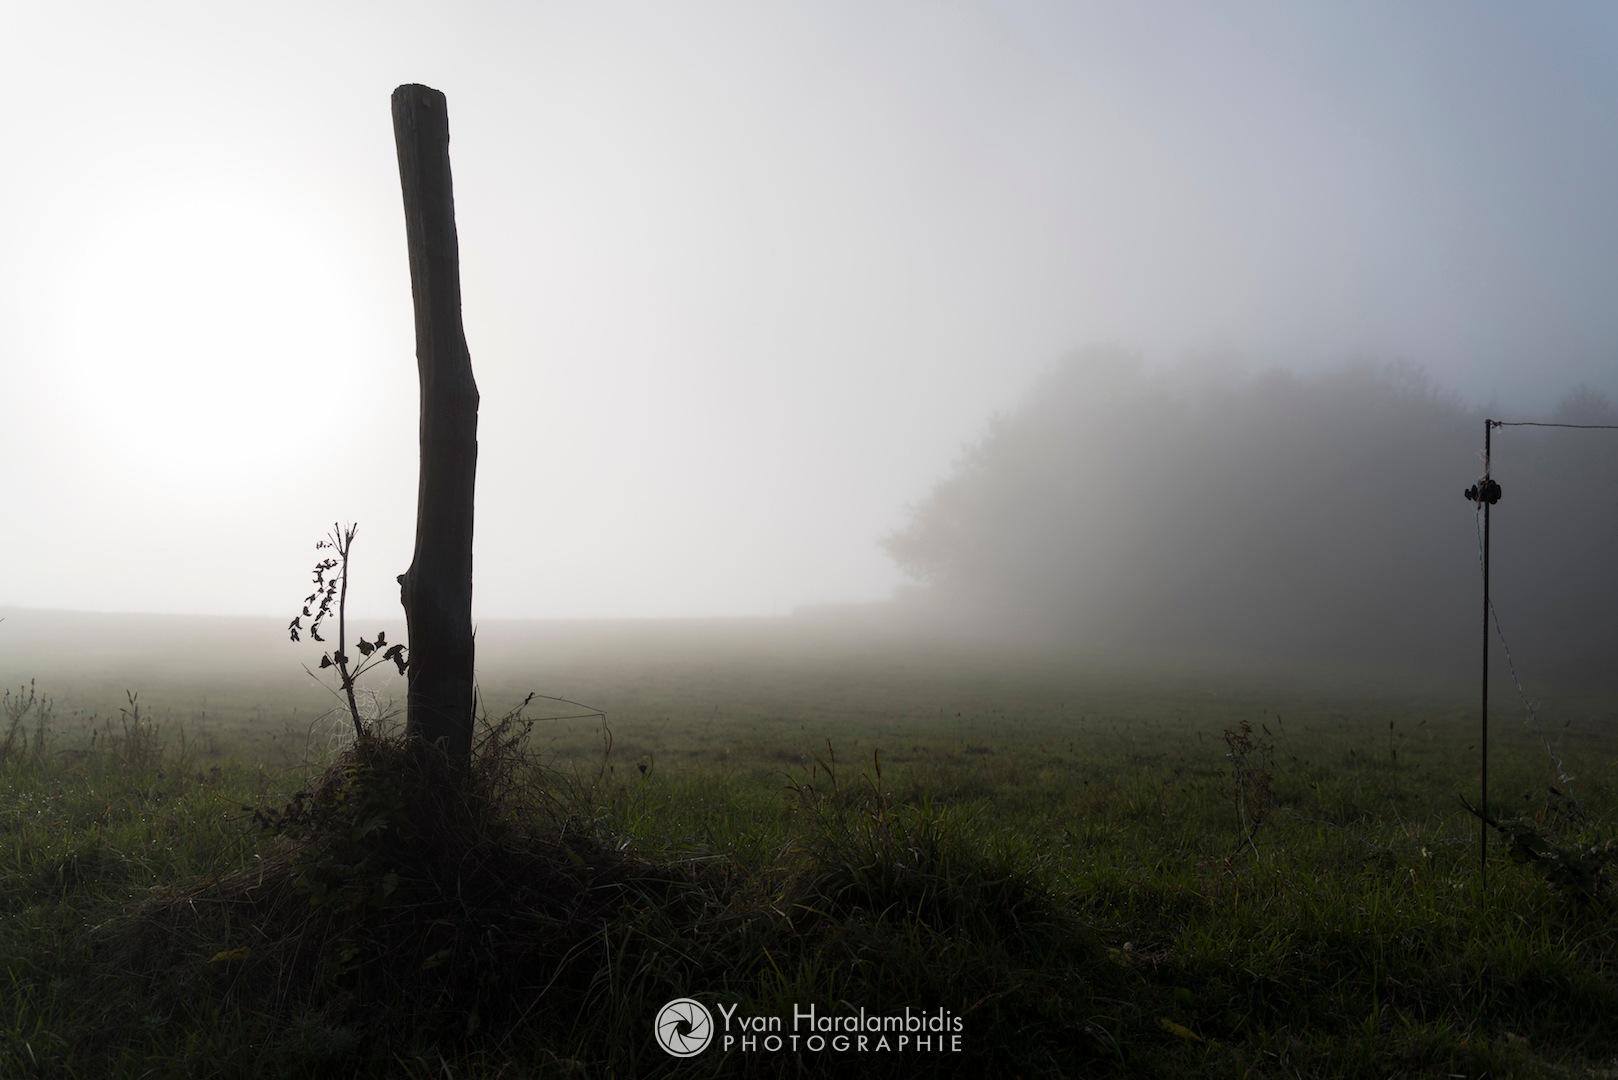 In the fog... by Yvan Haralambidis